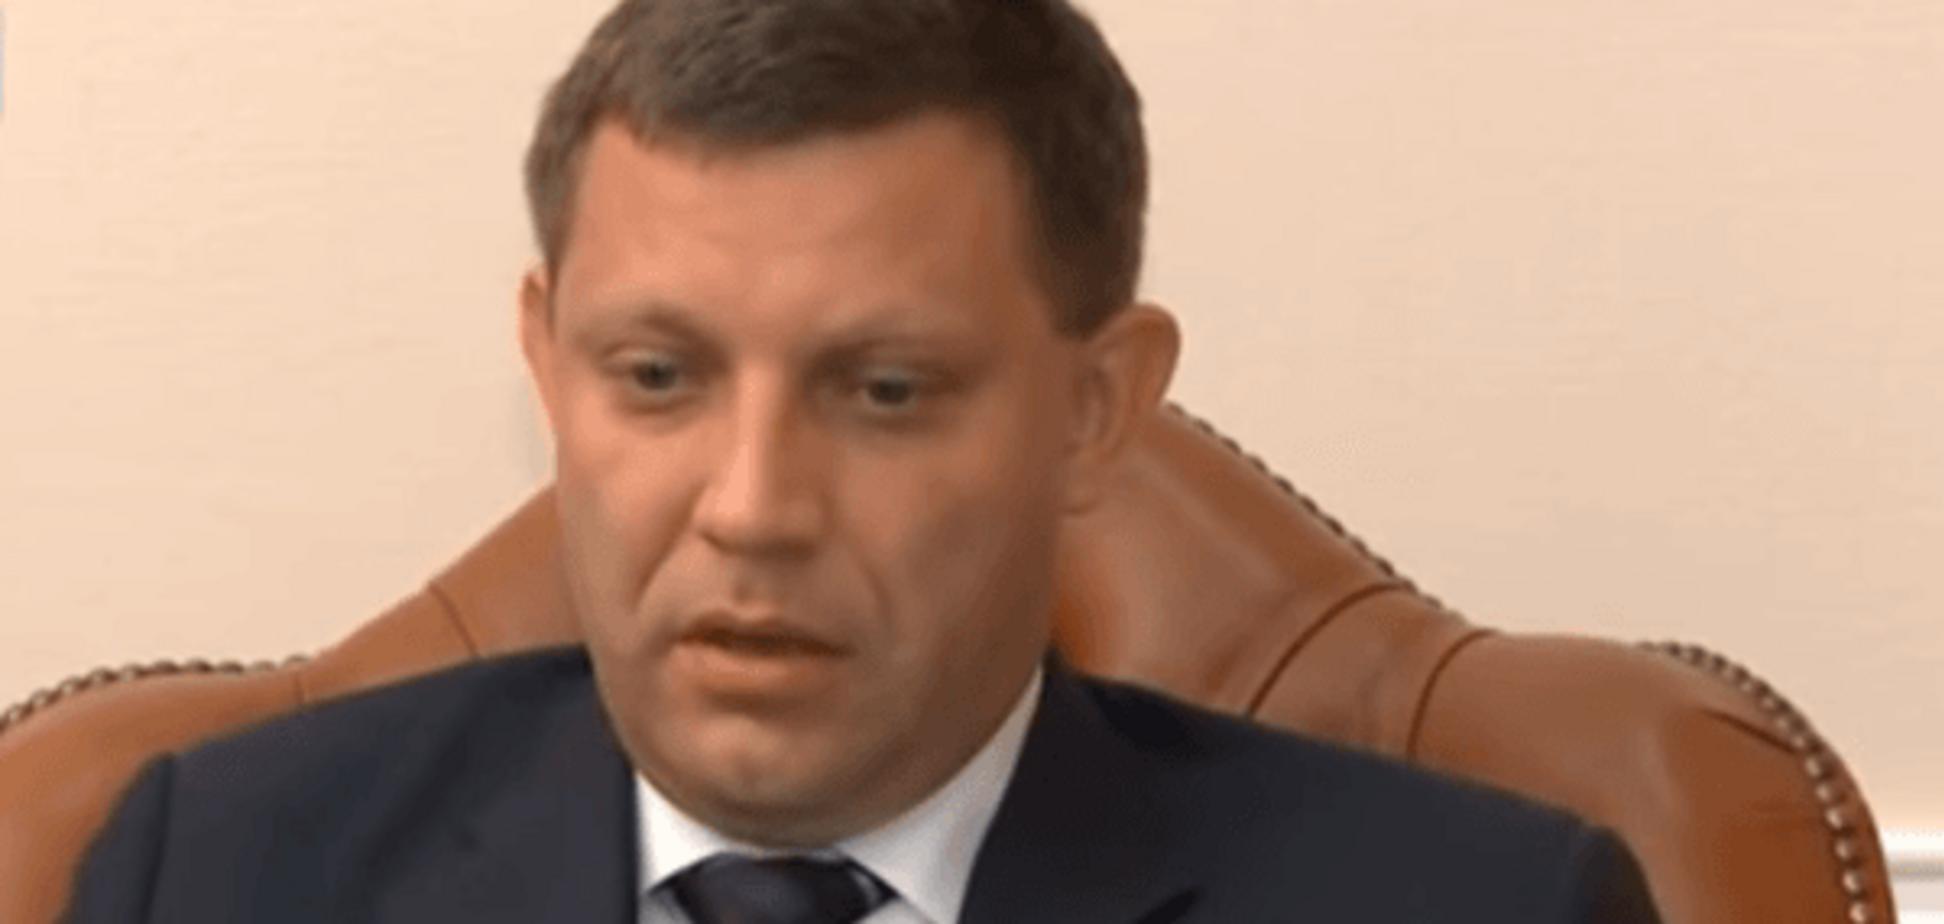 Подумайте про вічне! Ватажок 'ДНР' залякав українців 'диявольськими виборами': Відеофакт